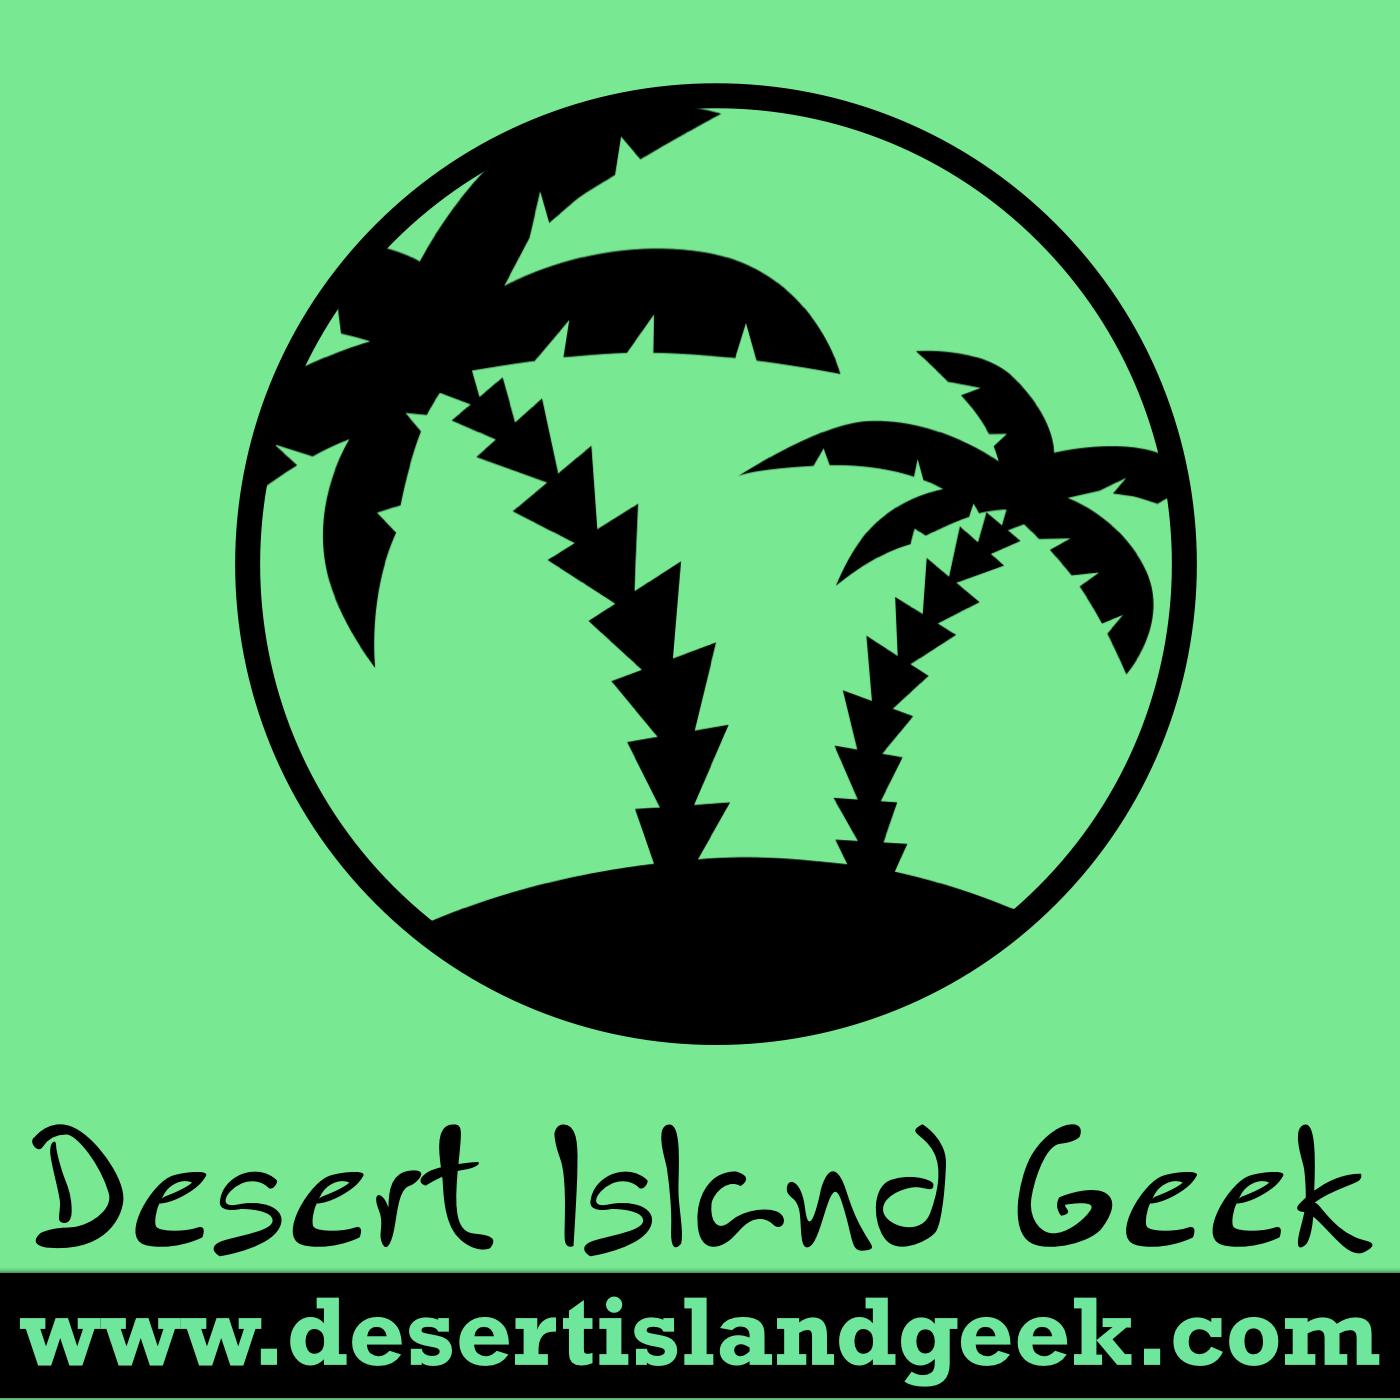 Desert Island Geek